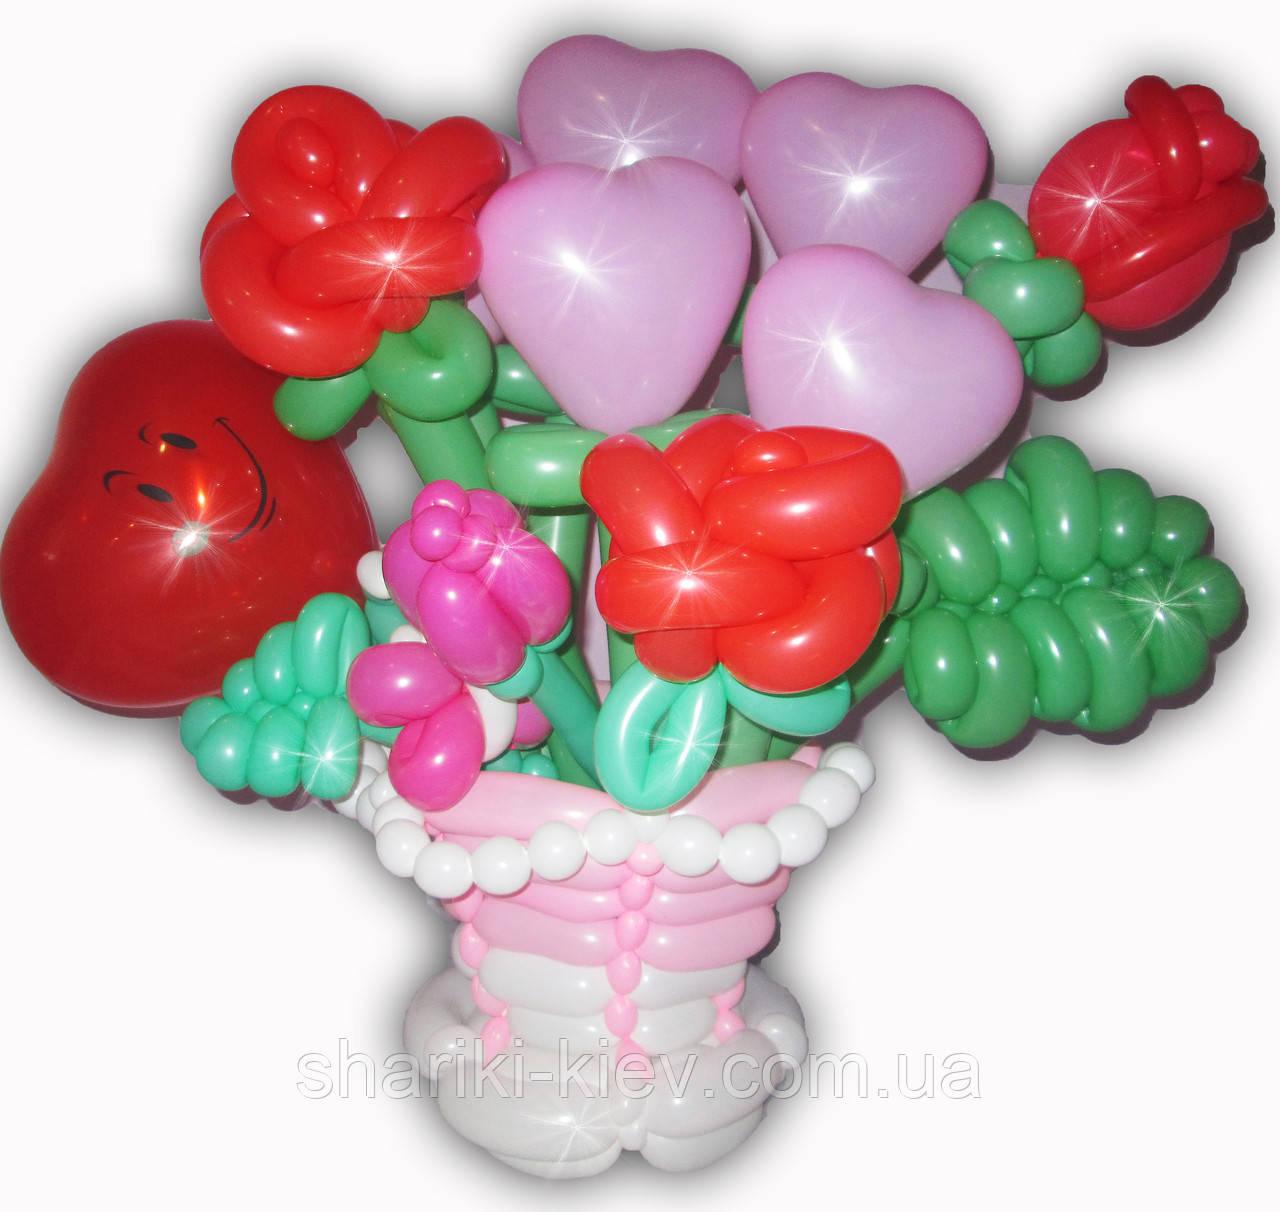 Корзина цветов (букет) из шариков Розы, сердечка, на 8 марта, на День рождения